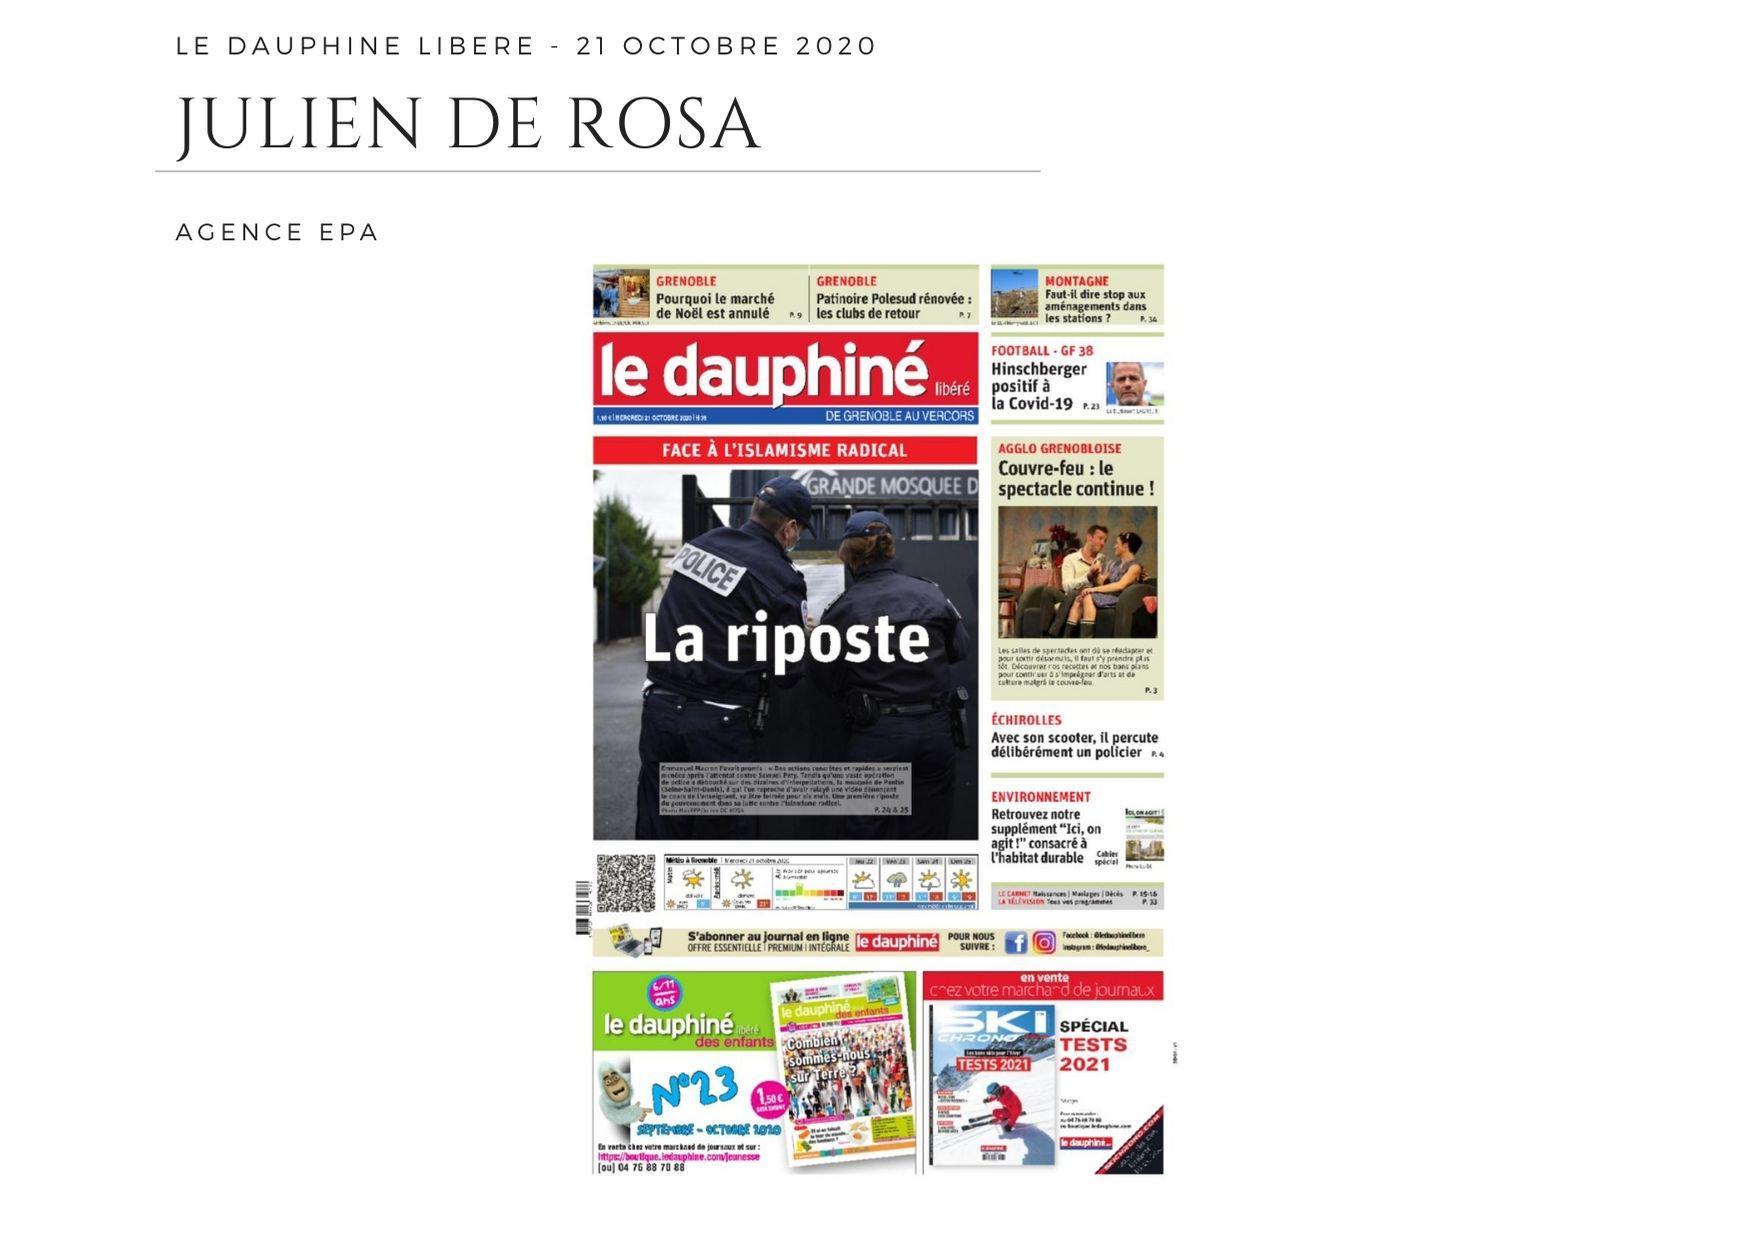 Le Dauphiné Libéré - 21 octobre 2020